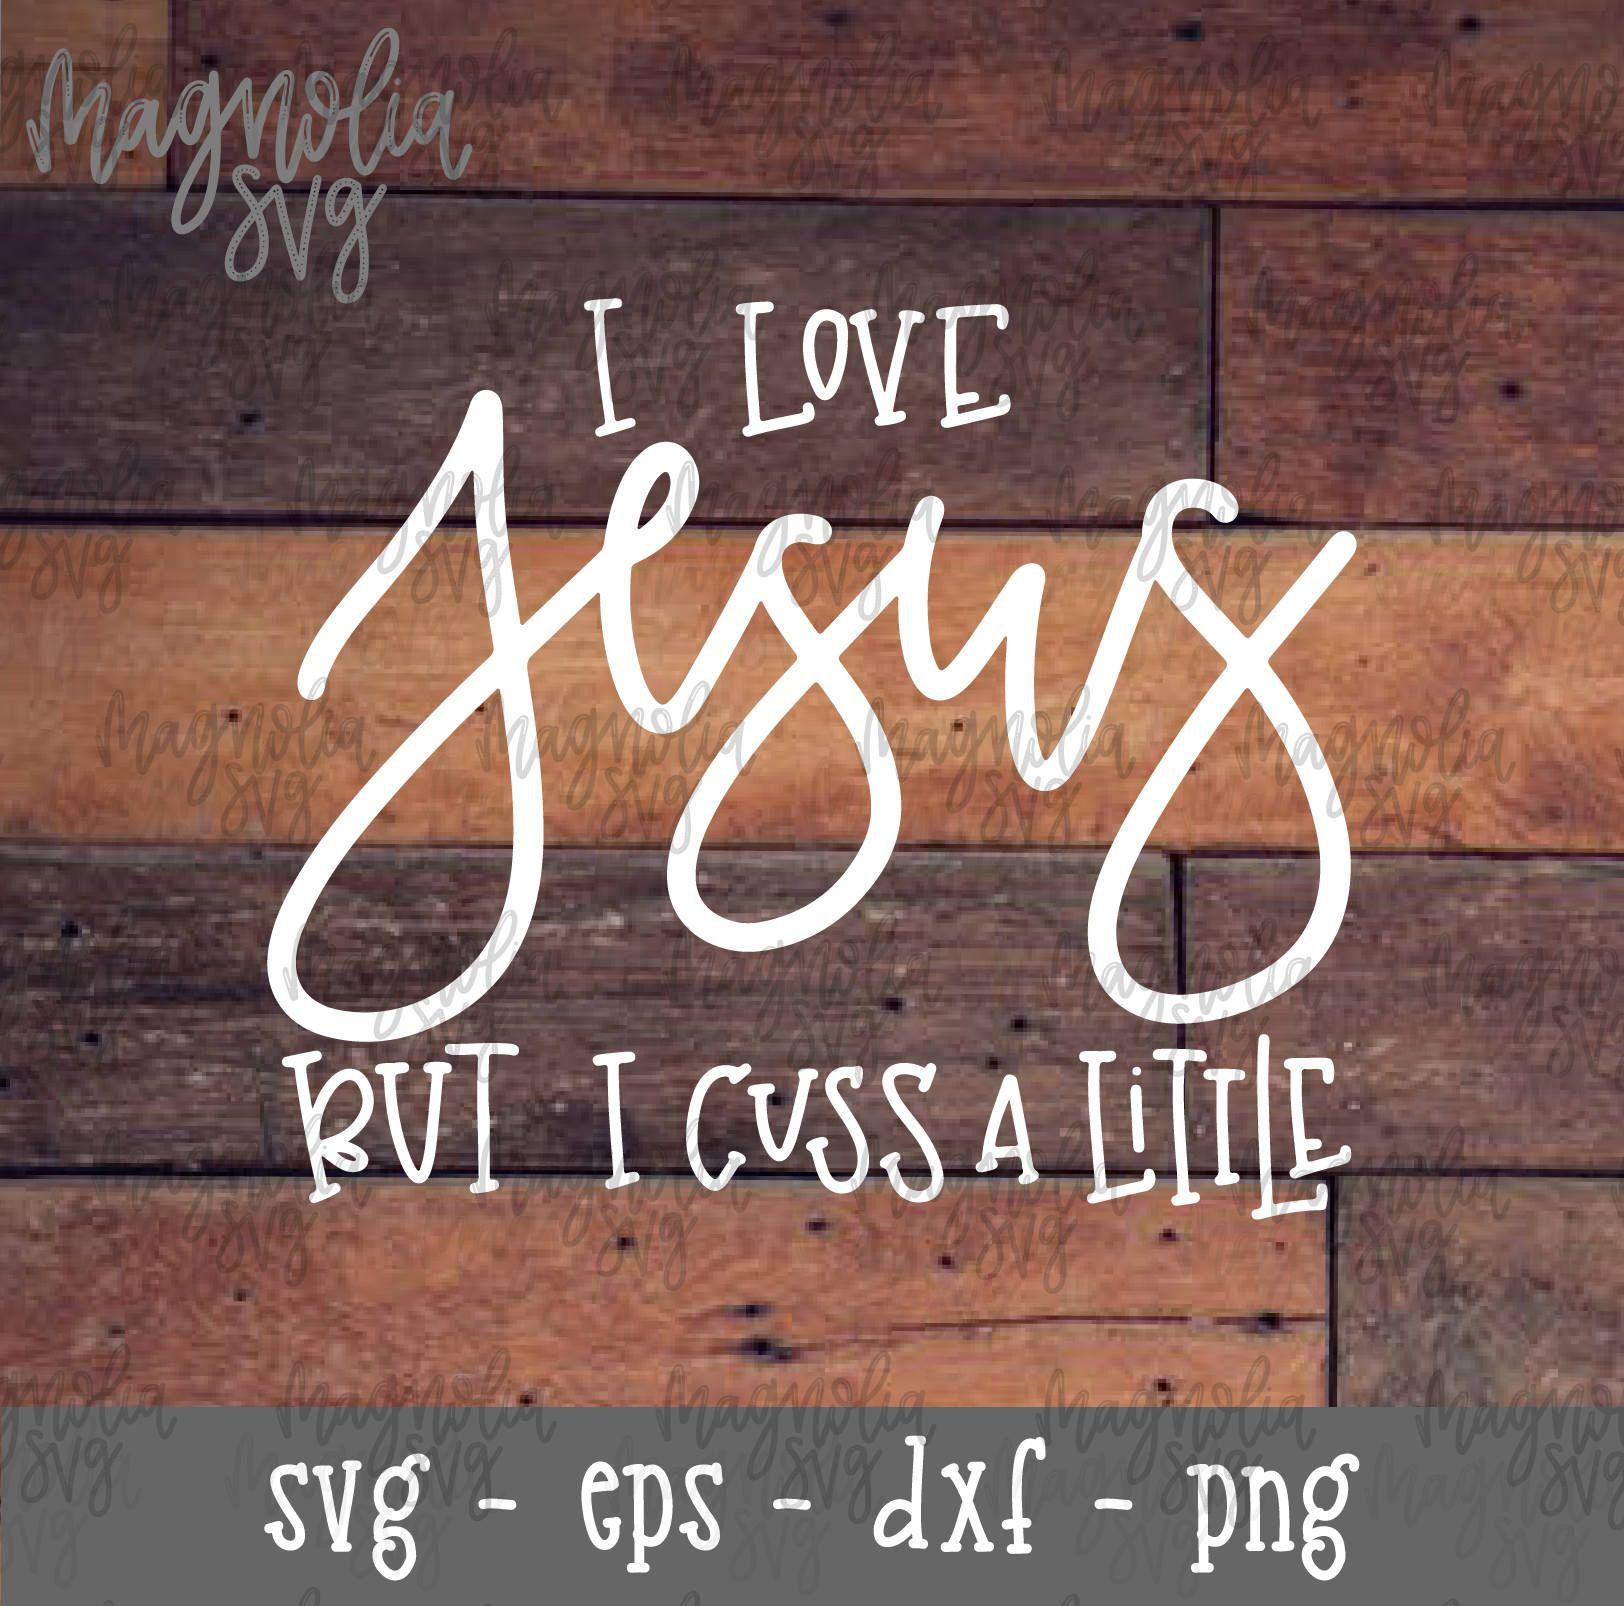 Download Cuss a Little svg I Love Jesus svg I Love Jesus but I Cuss ...